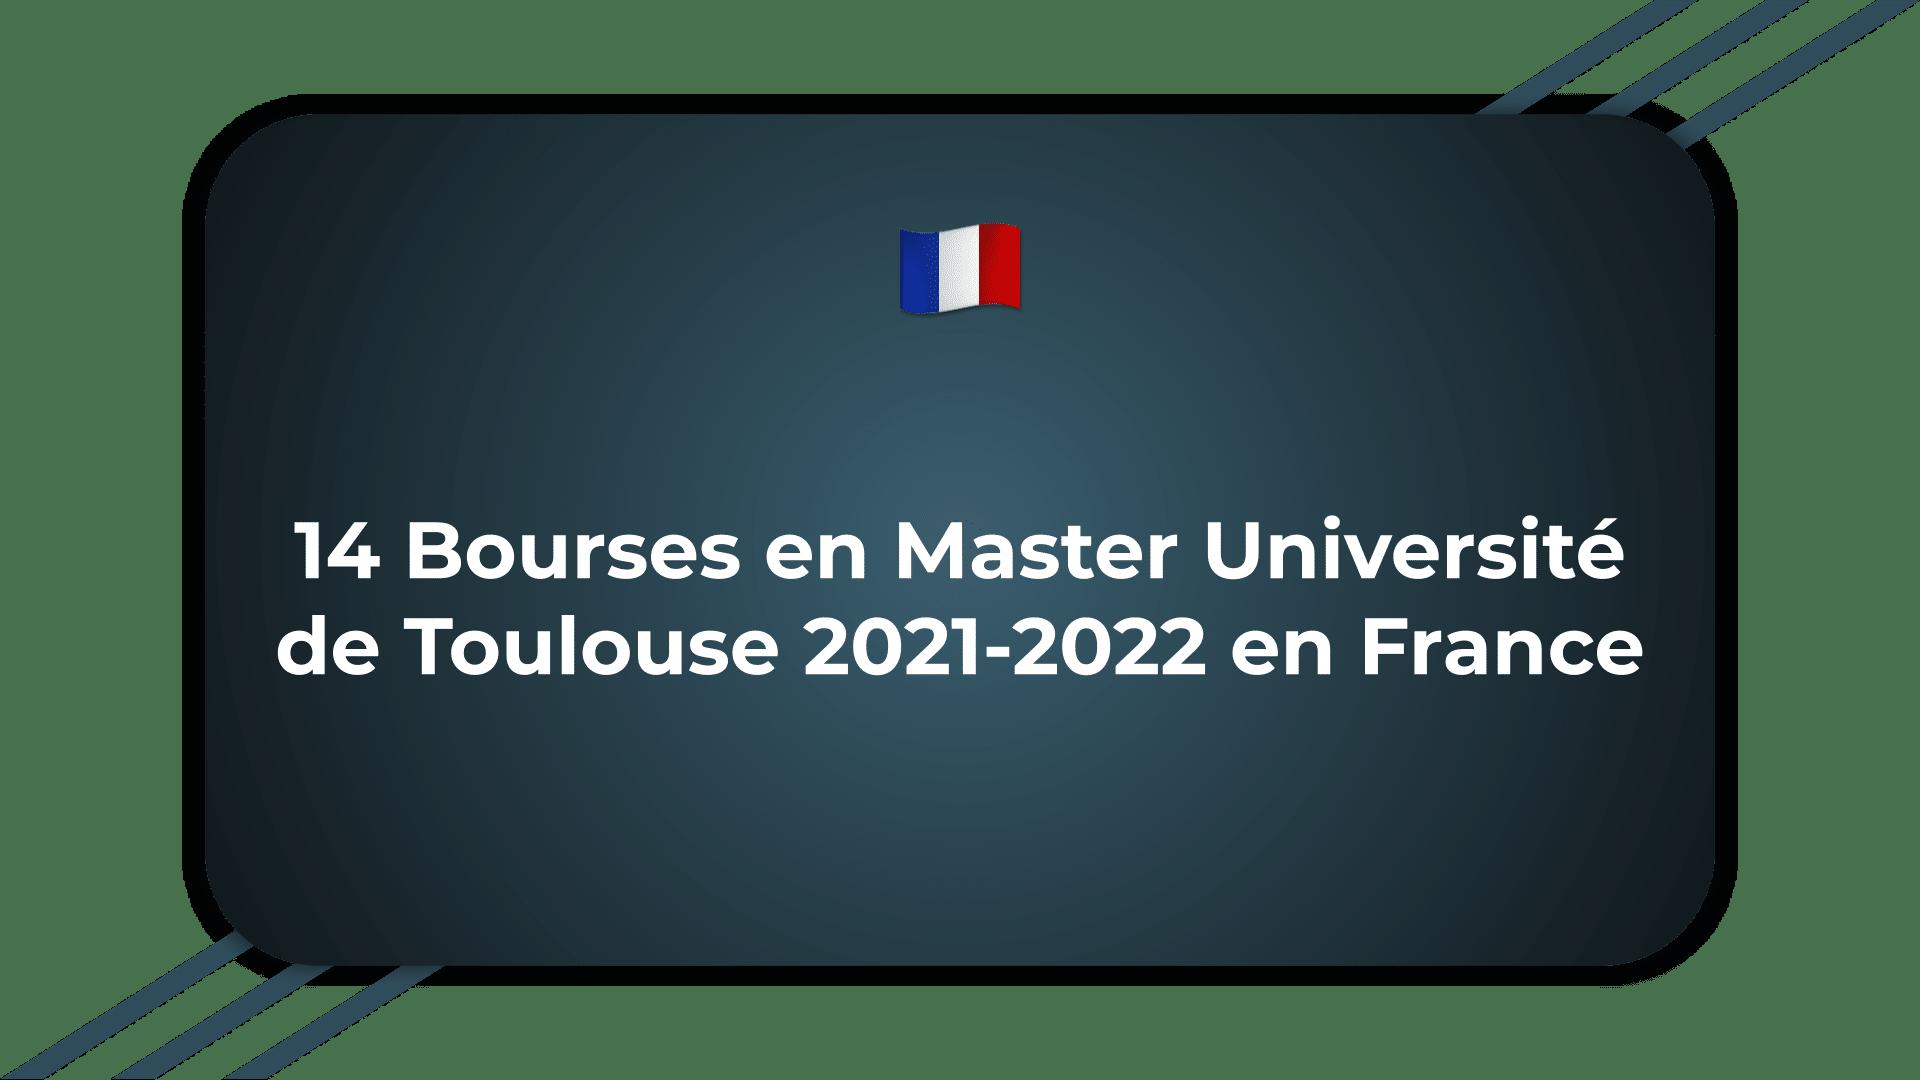 14 Bourses en Master Université de Toulouse France